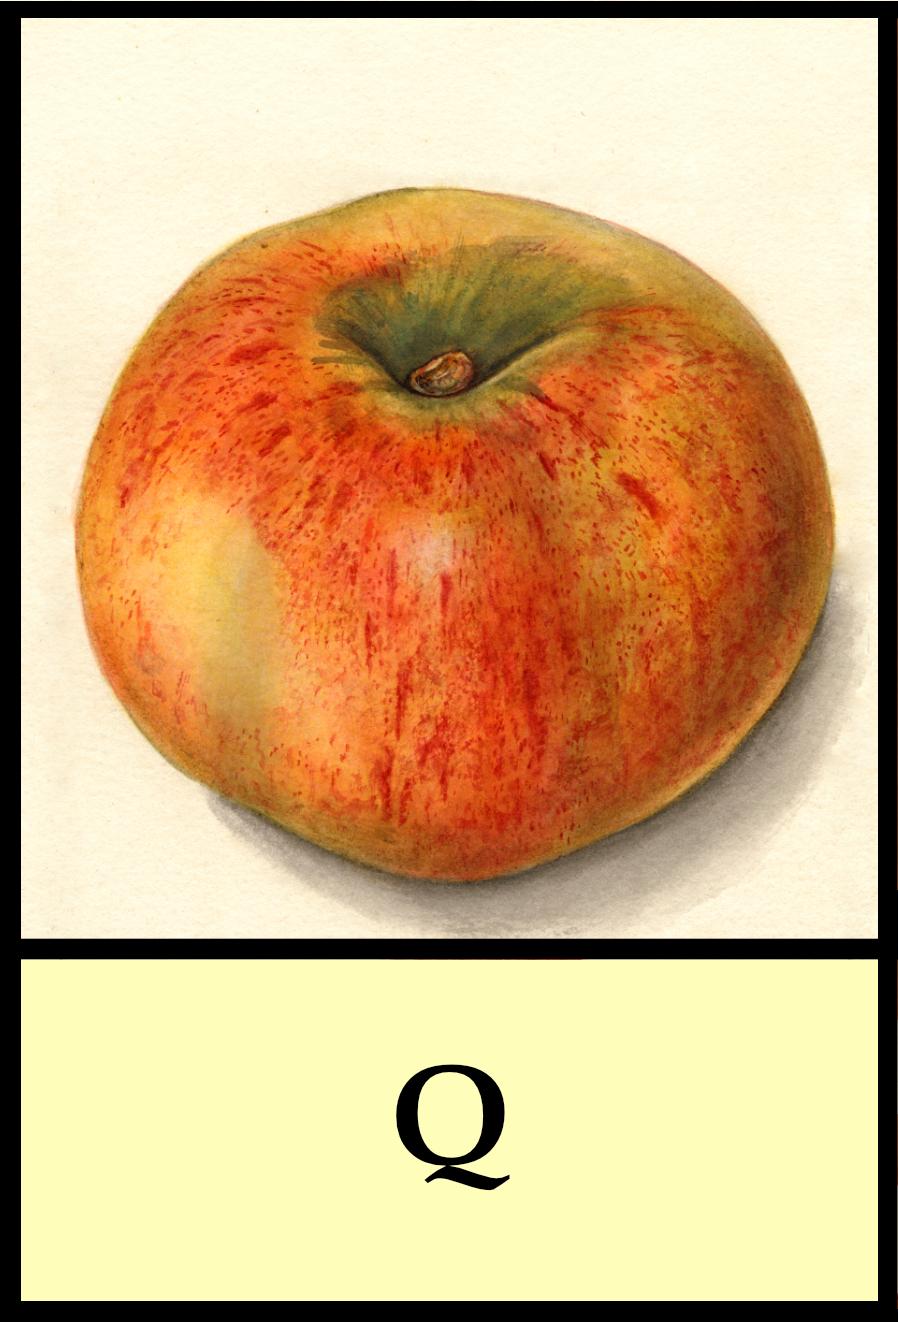 Q apples